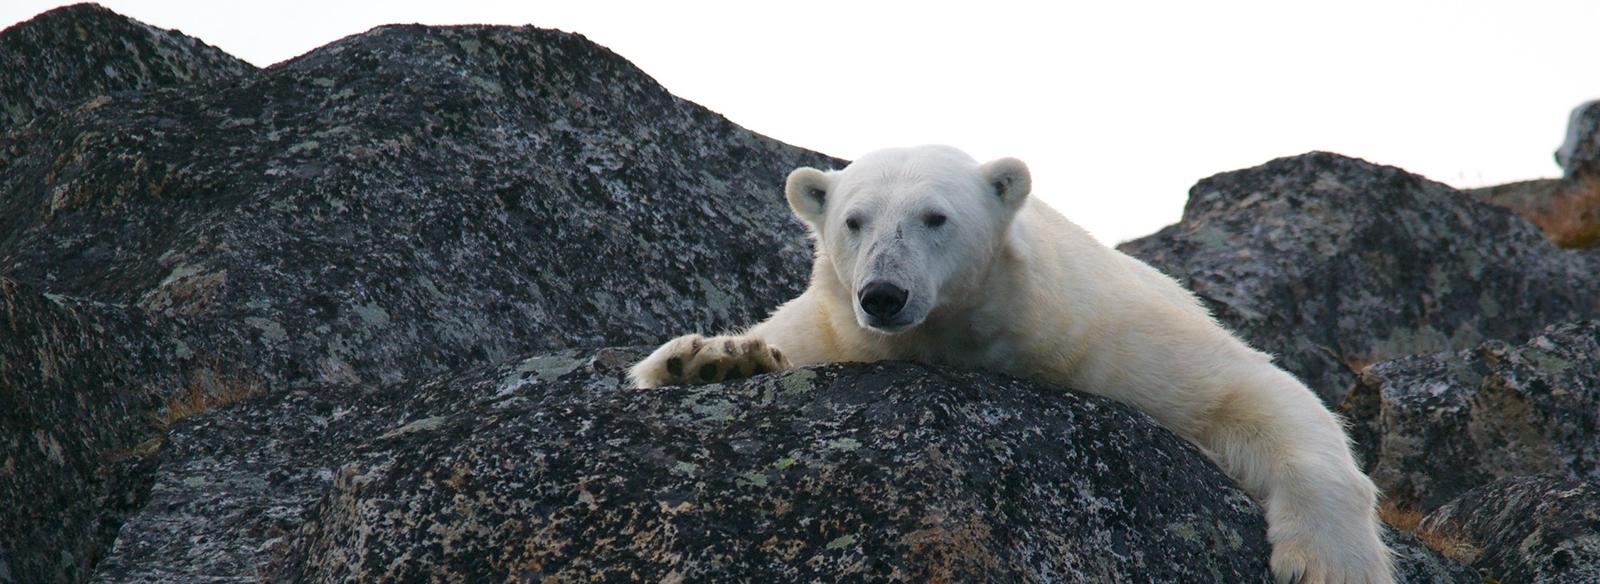 Un ours polaire étant assis sur un rocher